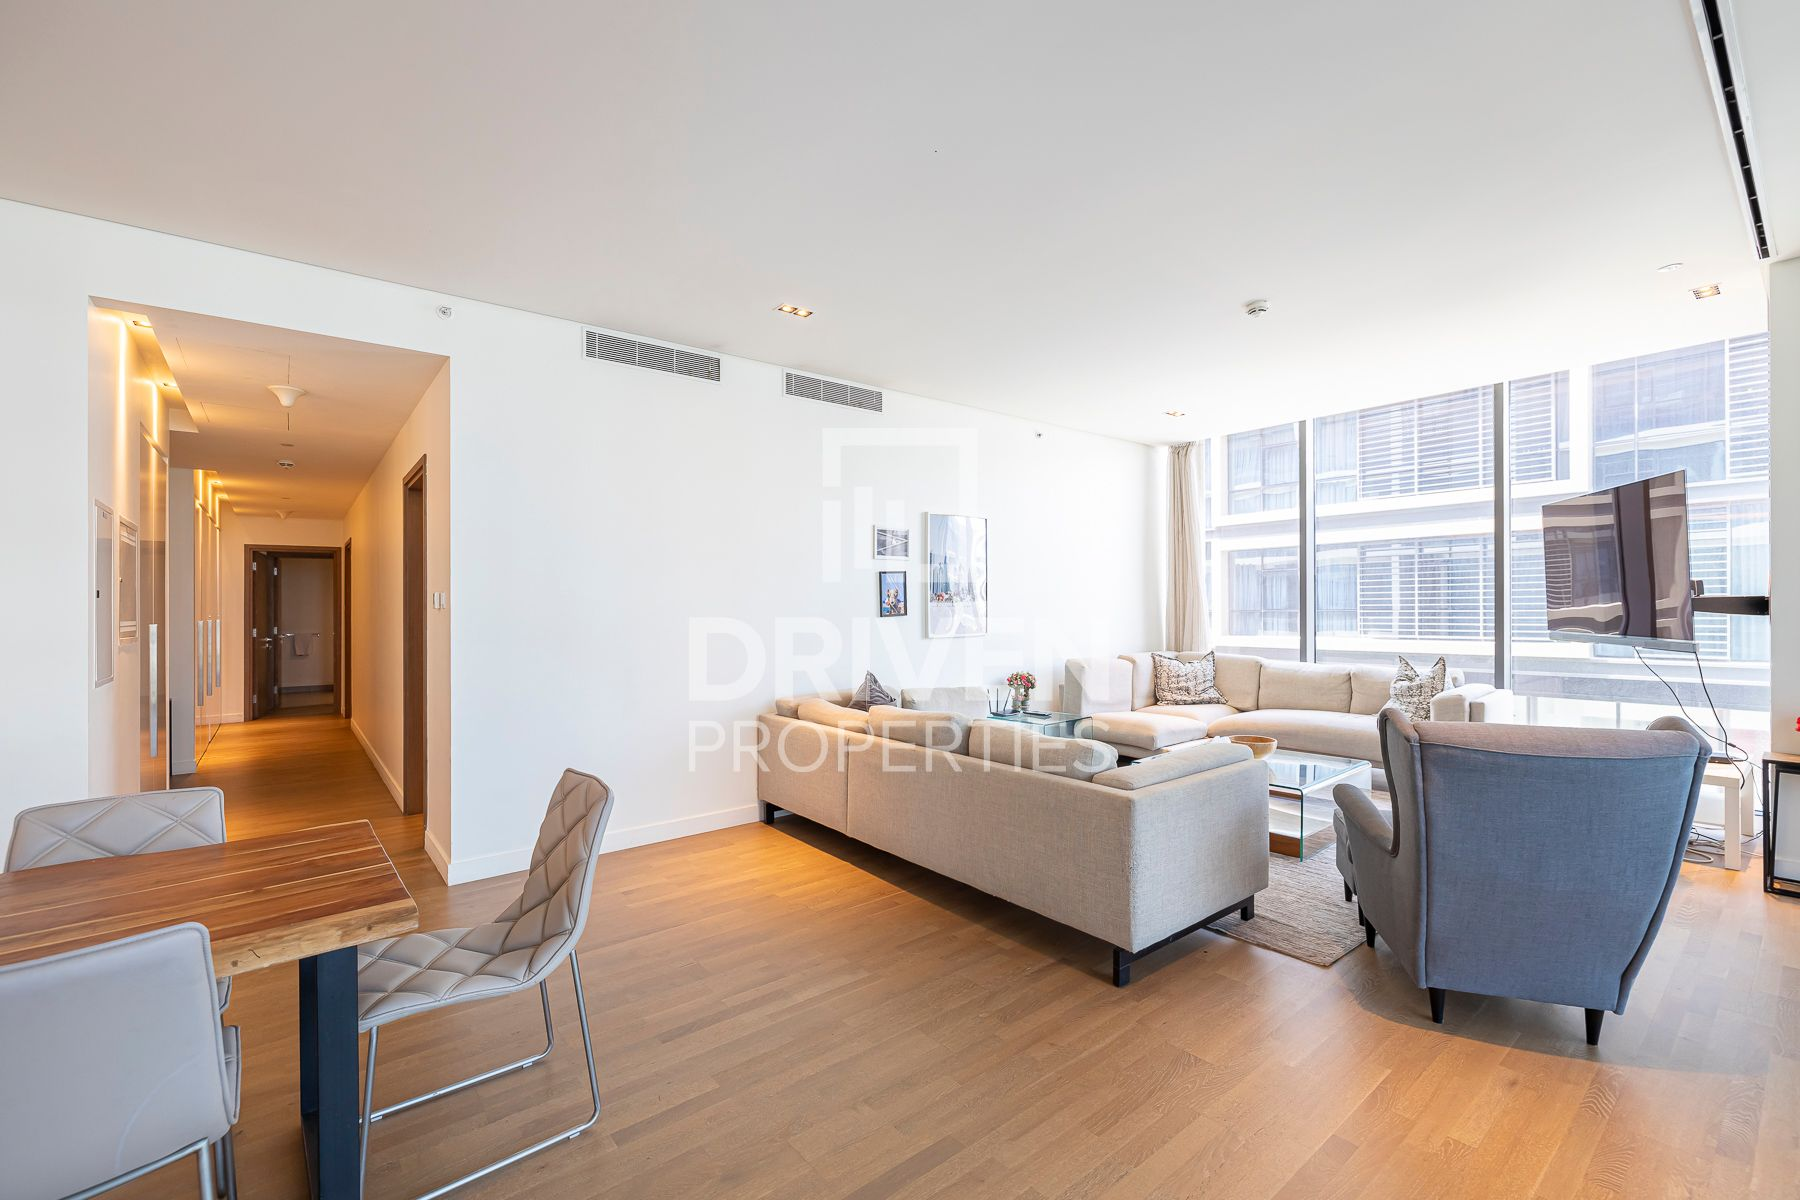 للبيع - شقة - مبنى 5 - سيتي ووك